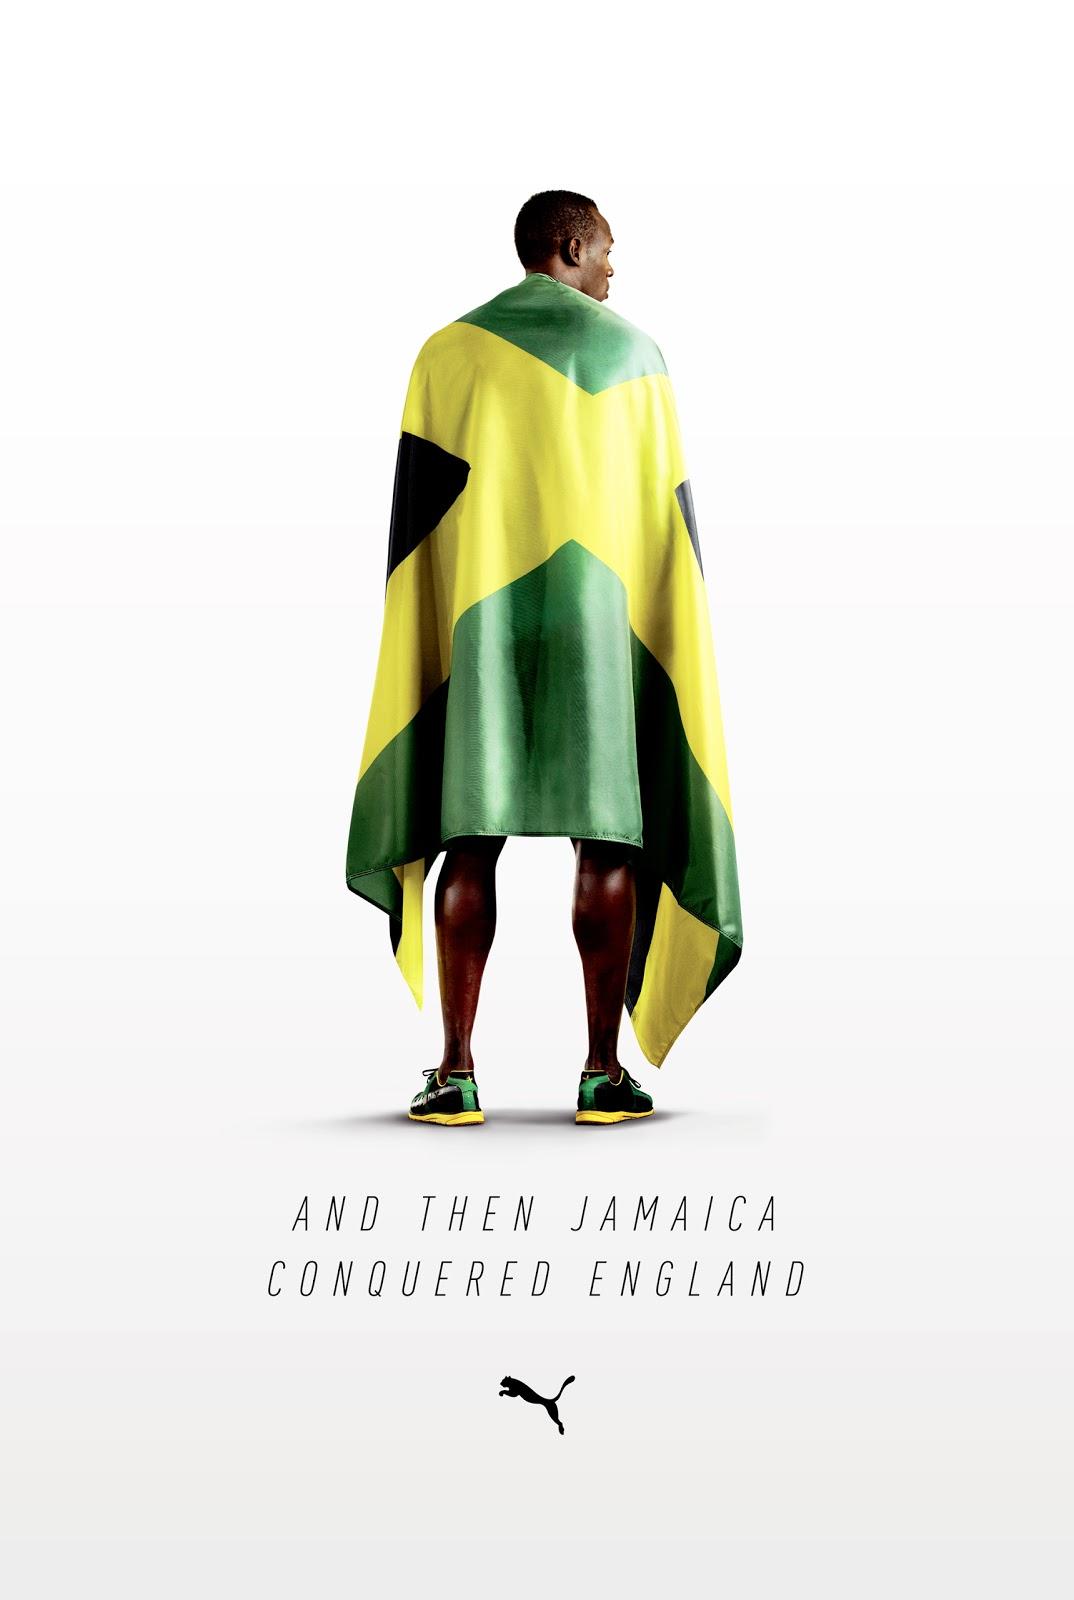 http://4.bp.blogspot.com/-KRGg-aAoCic/UDL3gl1z6-I/AAAAAAAAHLc/R332vRNEg1k/s1600/Puma_Usain-Bolt.jpeg